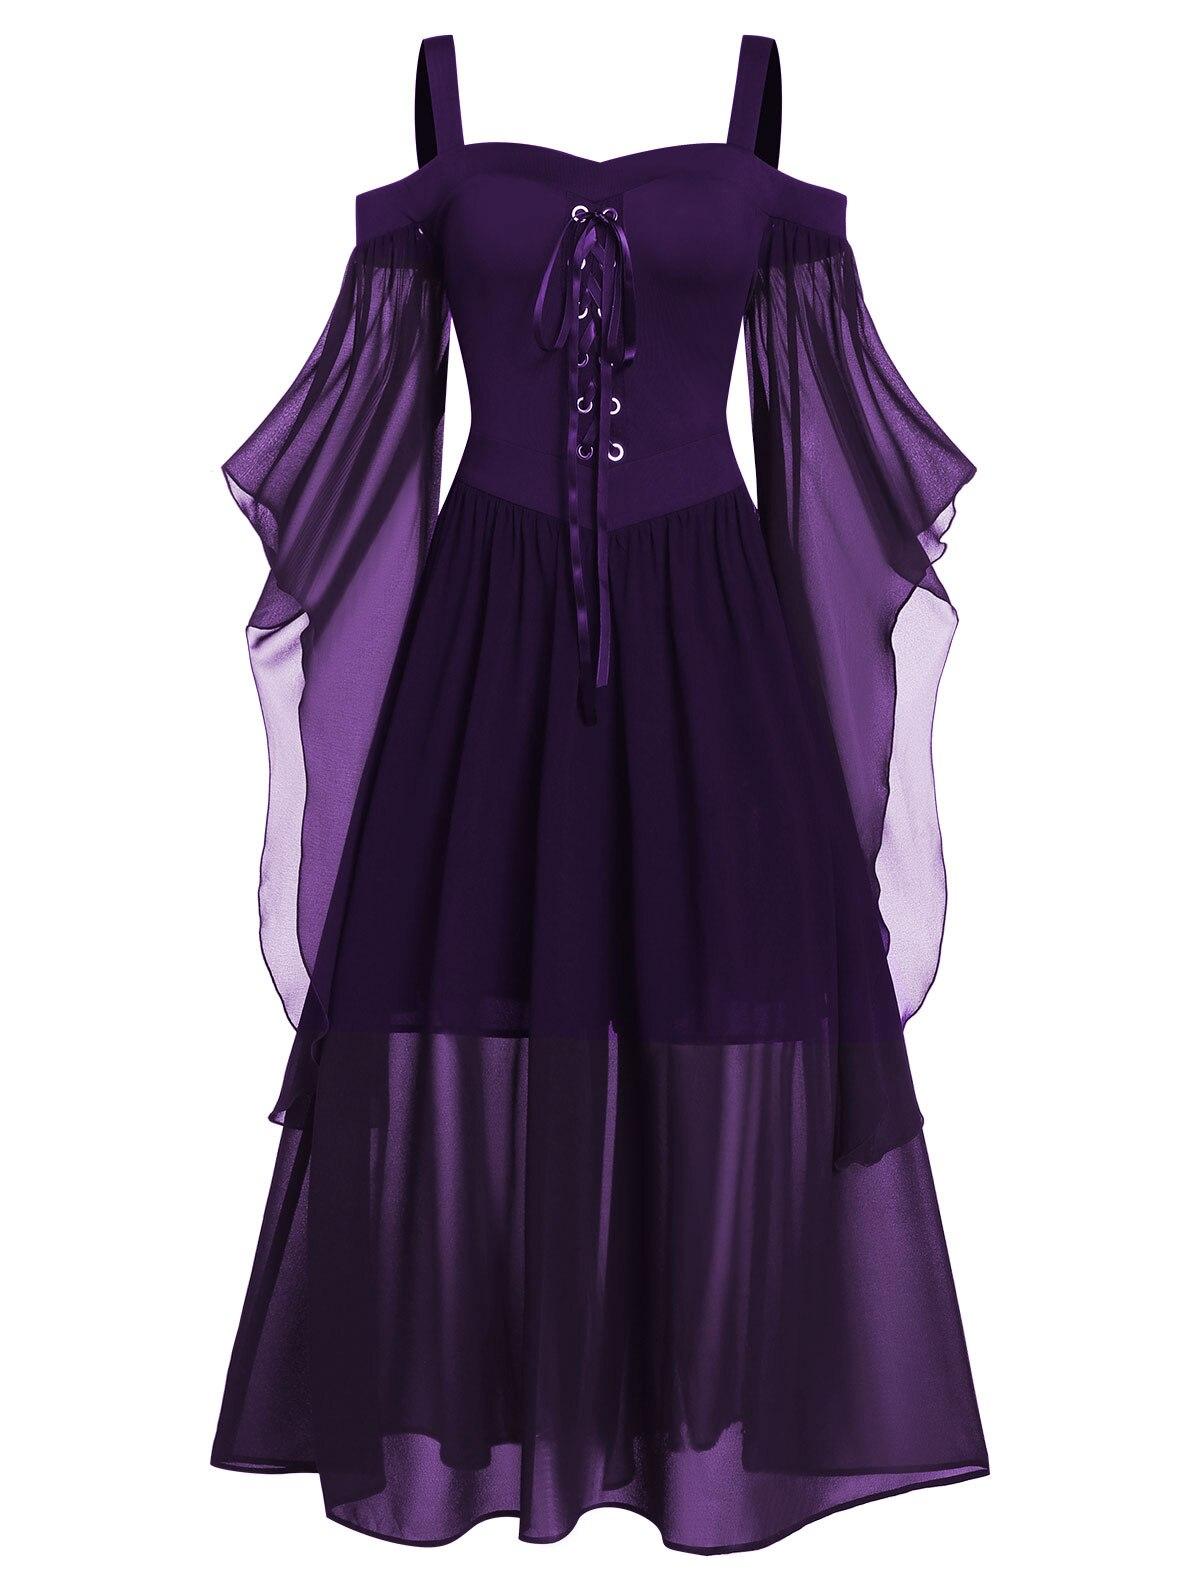 Rosegal 5XL grande taille Maxi robe froide épaule papillon manches à lacets robe d'halloween gothique fête femmes robe Vintage - 4